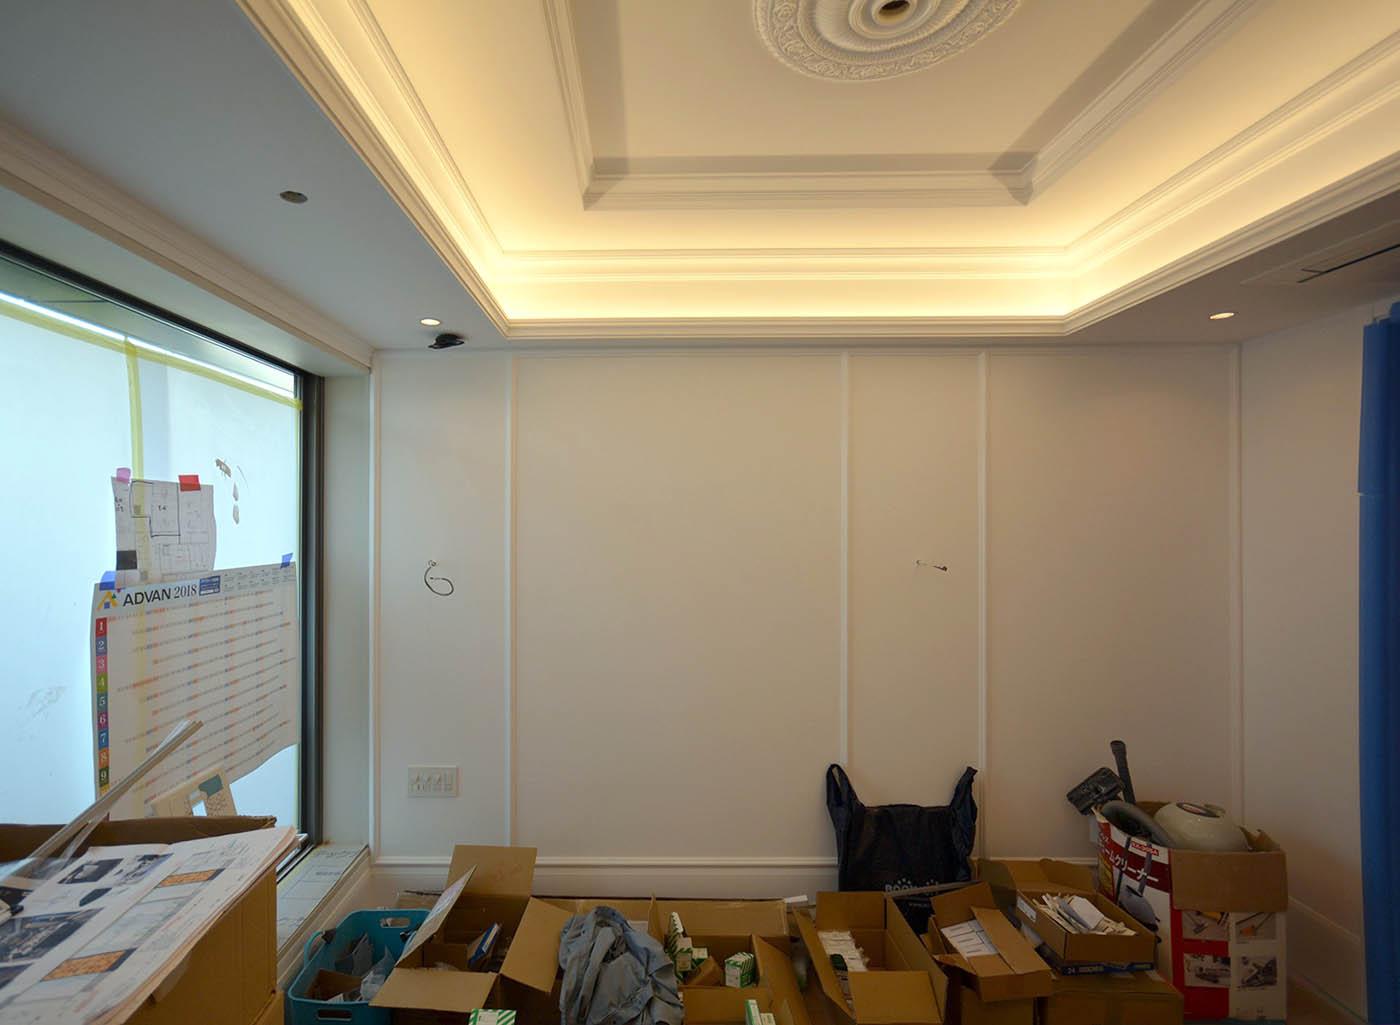 奥さま書斎の白いモールディングとレーリングの内装